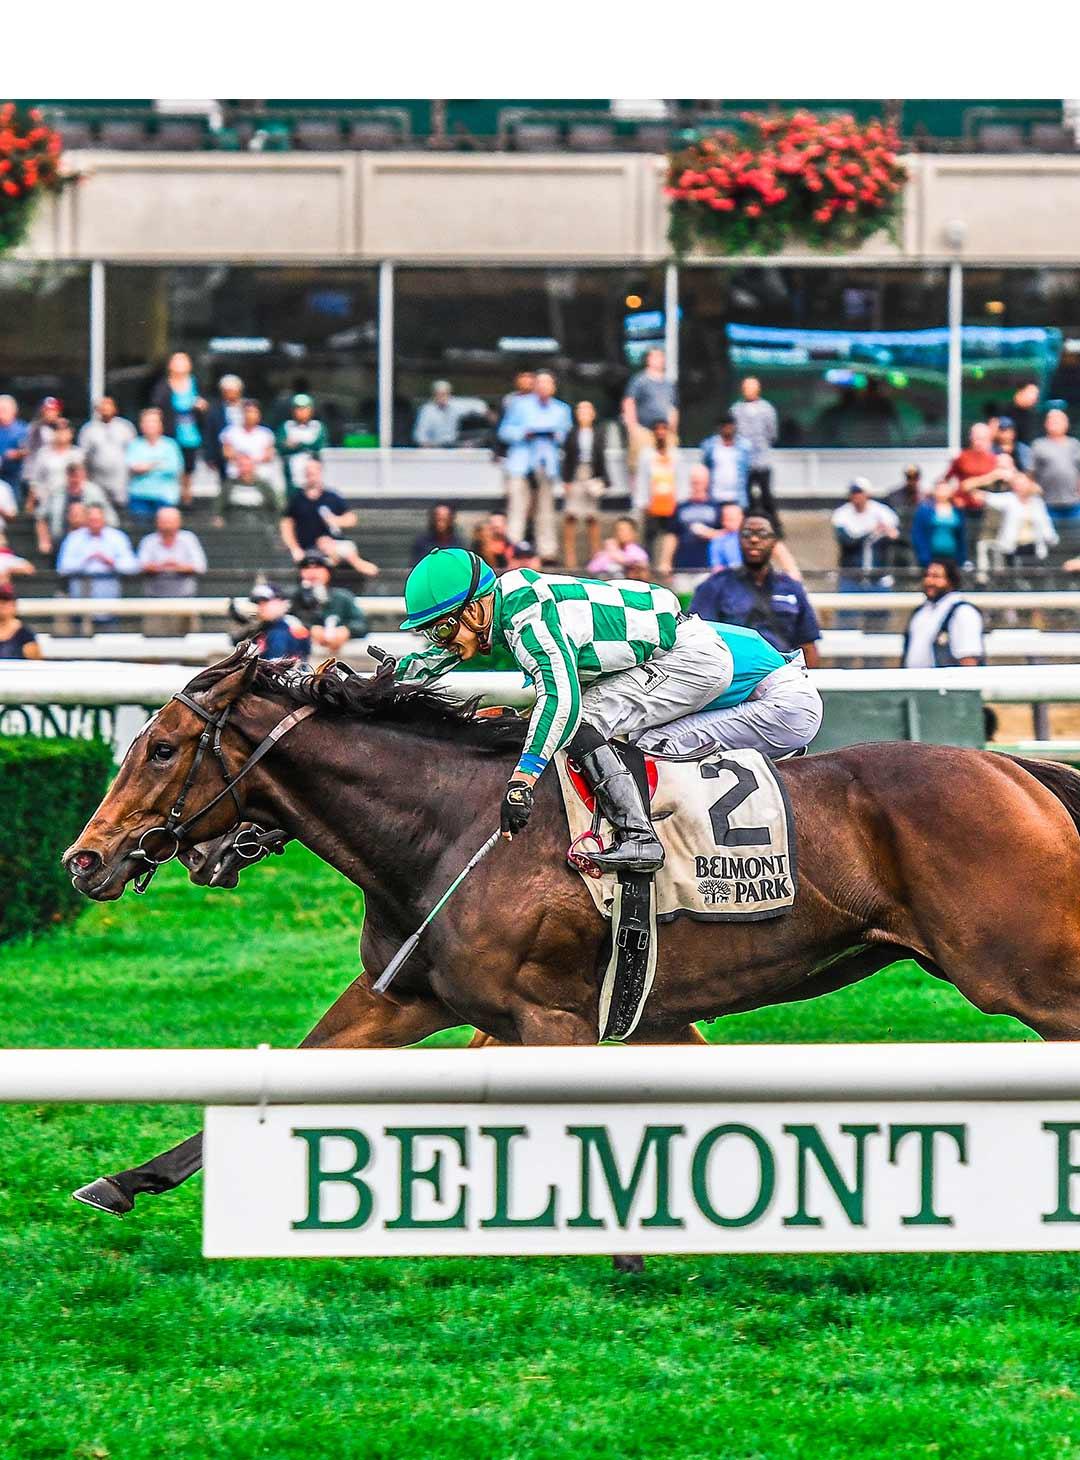 Belmont park discount coupons